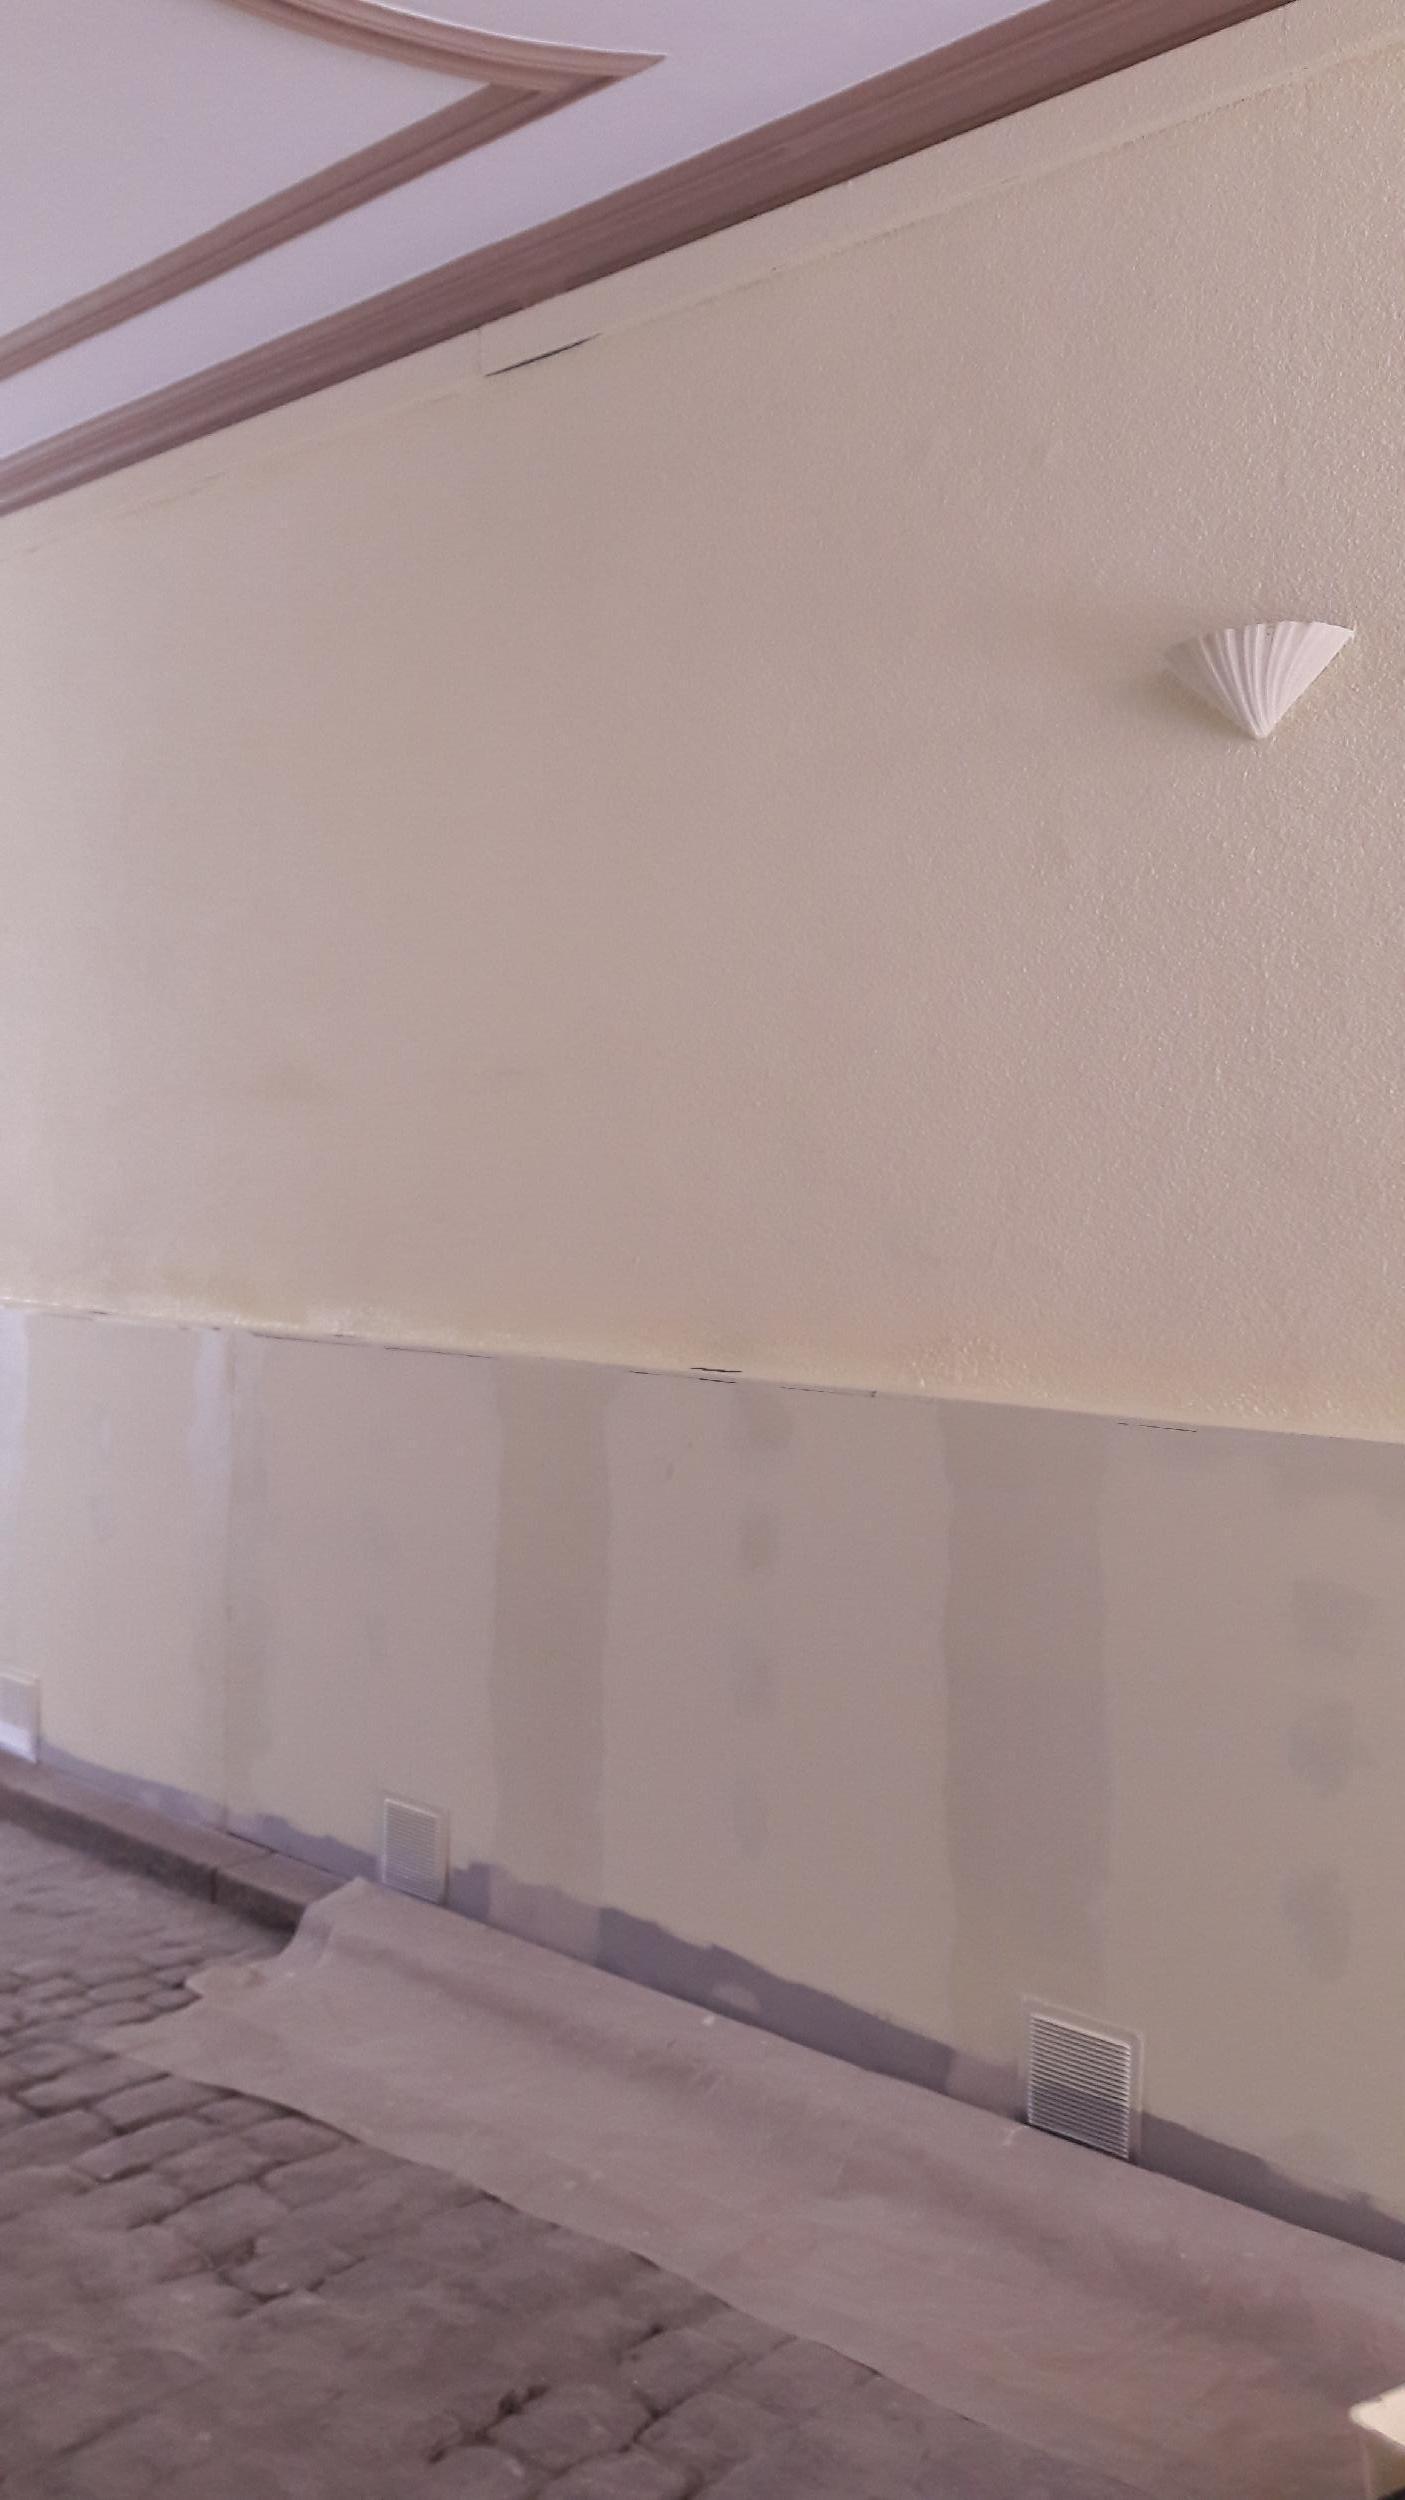 Chantier rénovation le Puy en Velay juin 2020